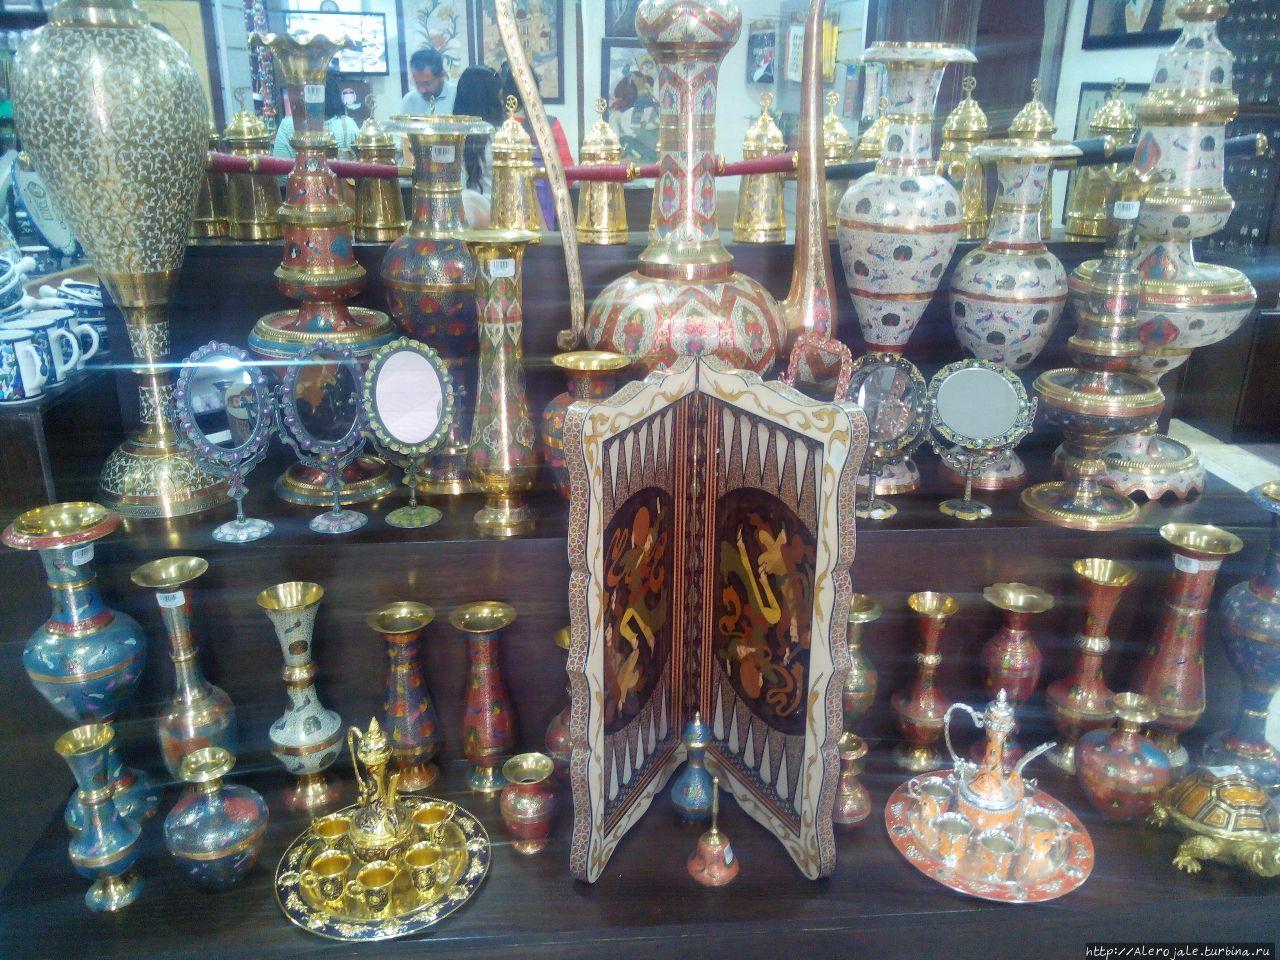 магазин сувениров  вдоль ТрансИорданской трассы - Петра, Иордания